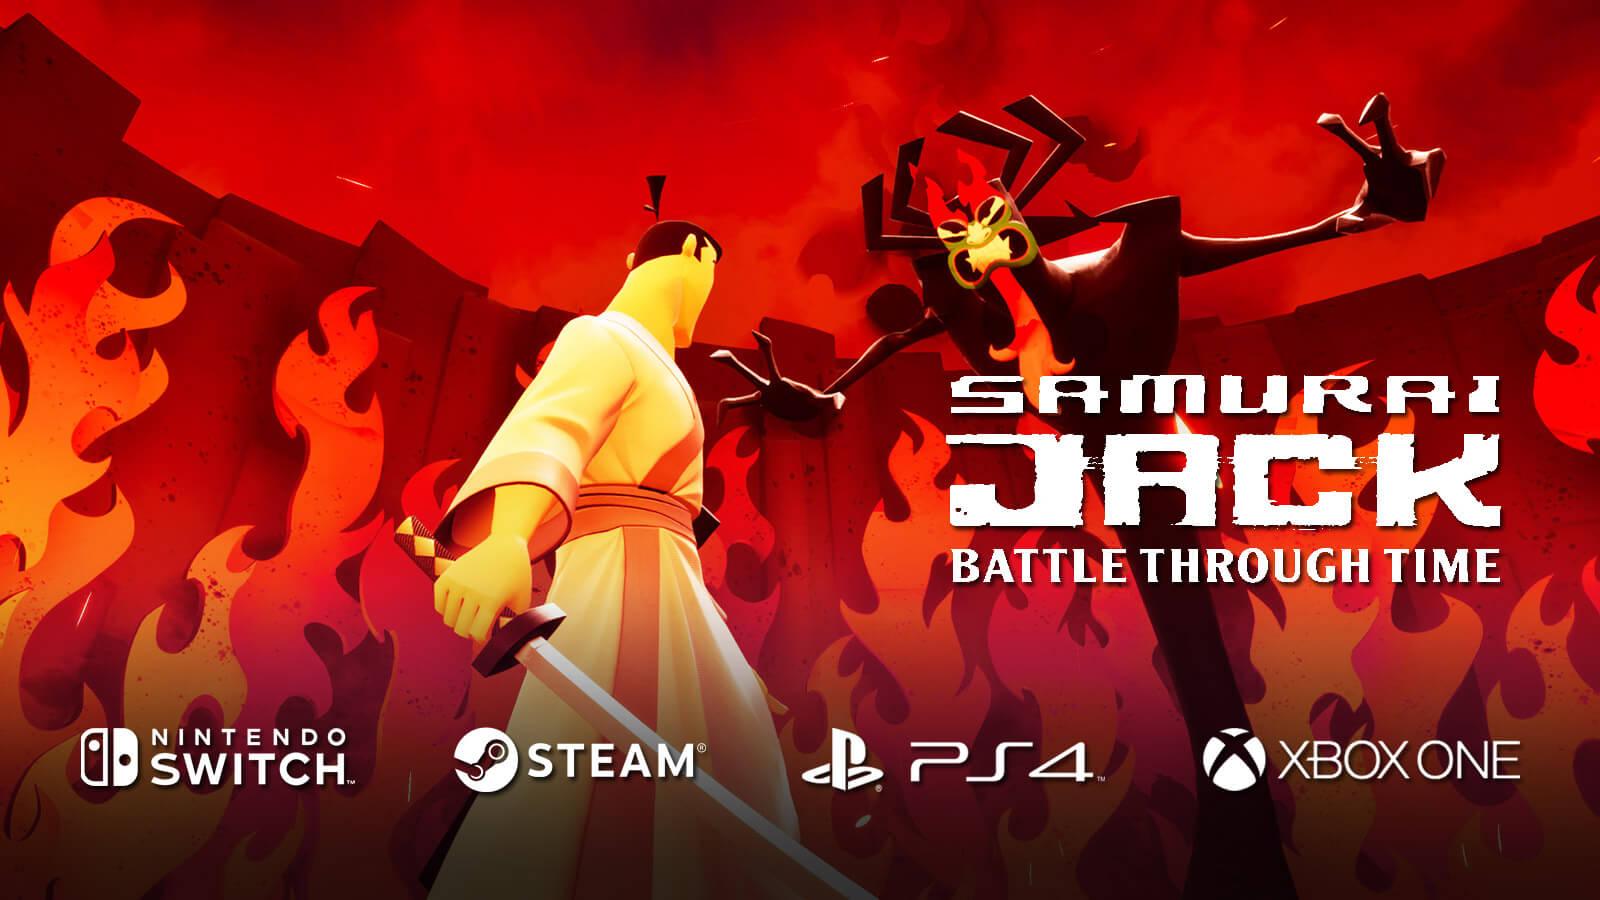 Samurai Jack – Battle Through Time Announced